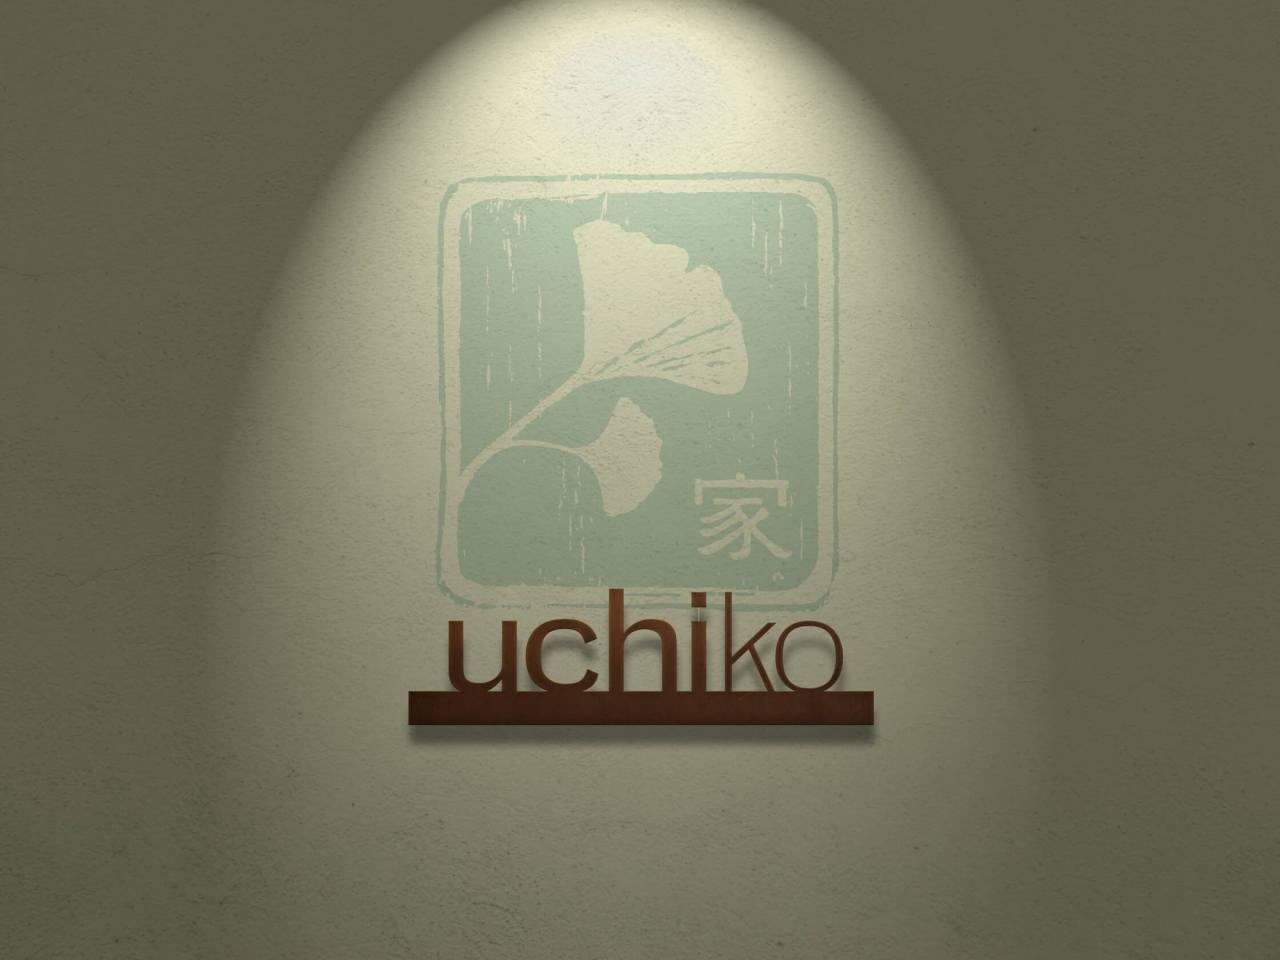 uchiko signage